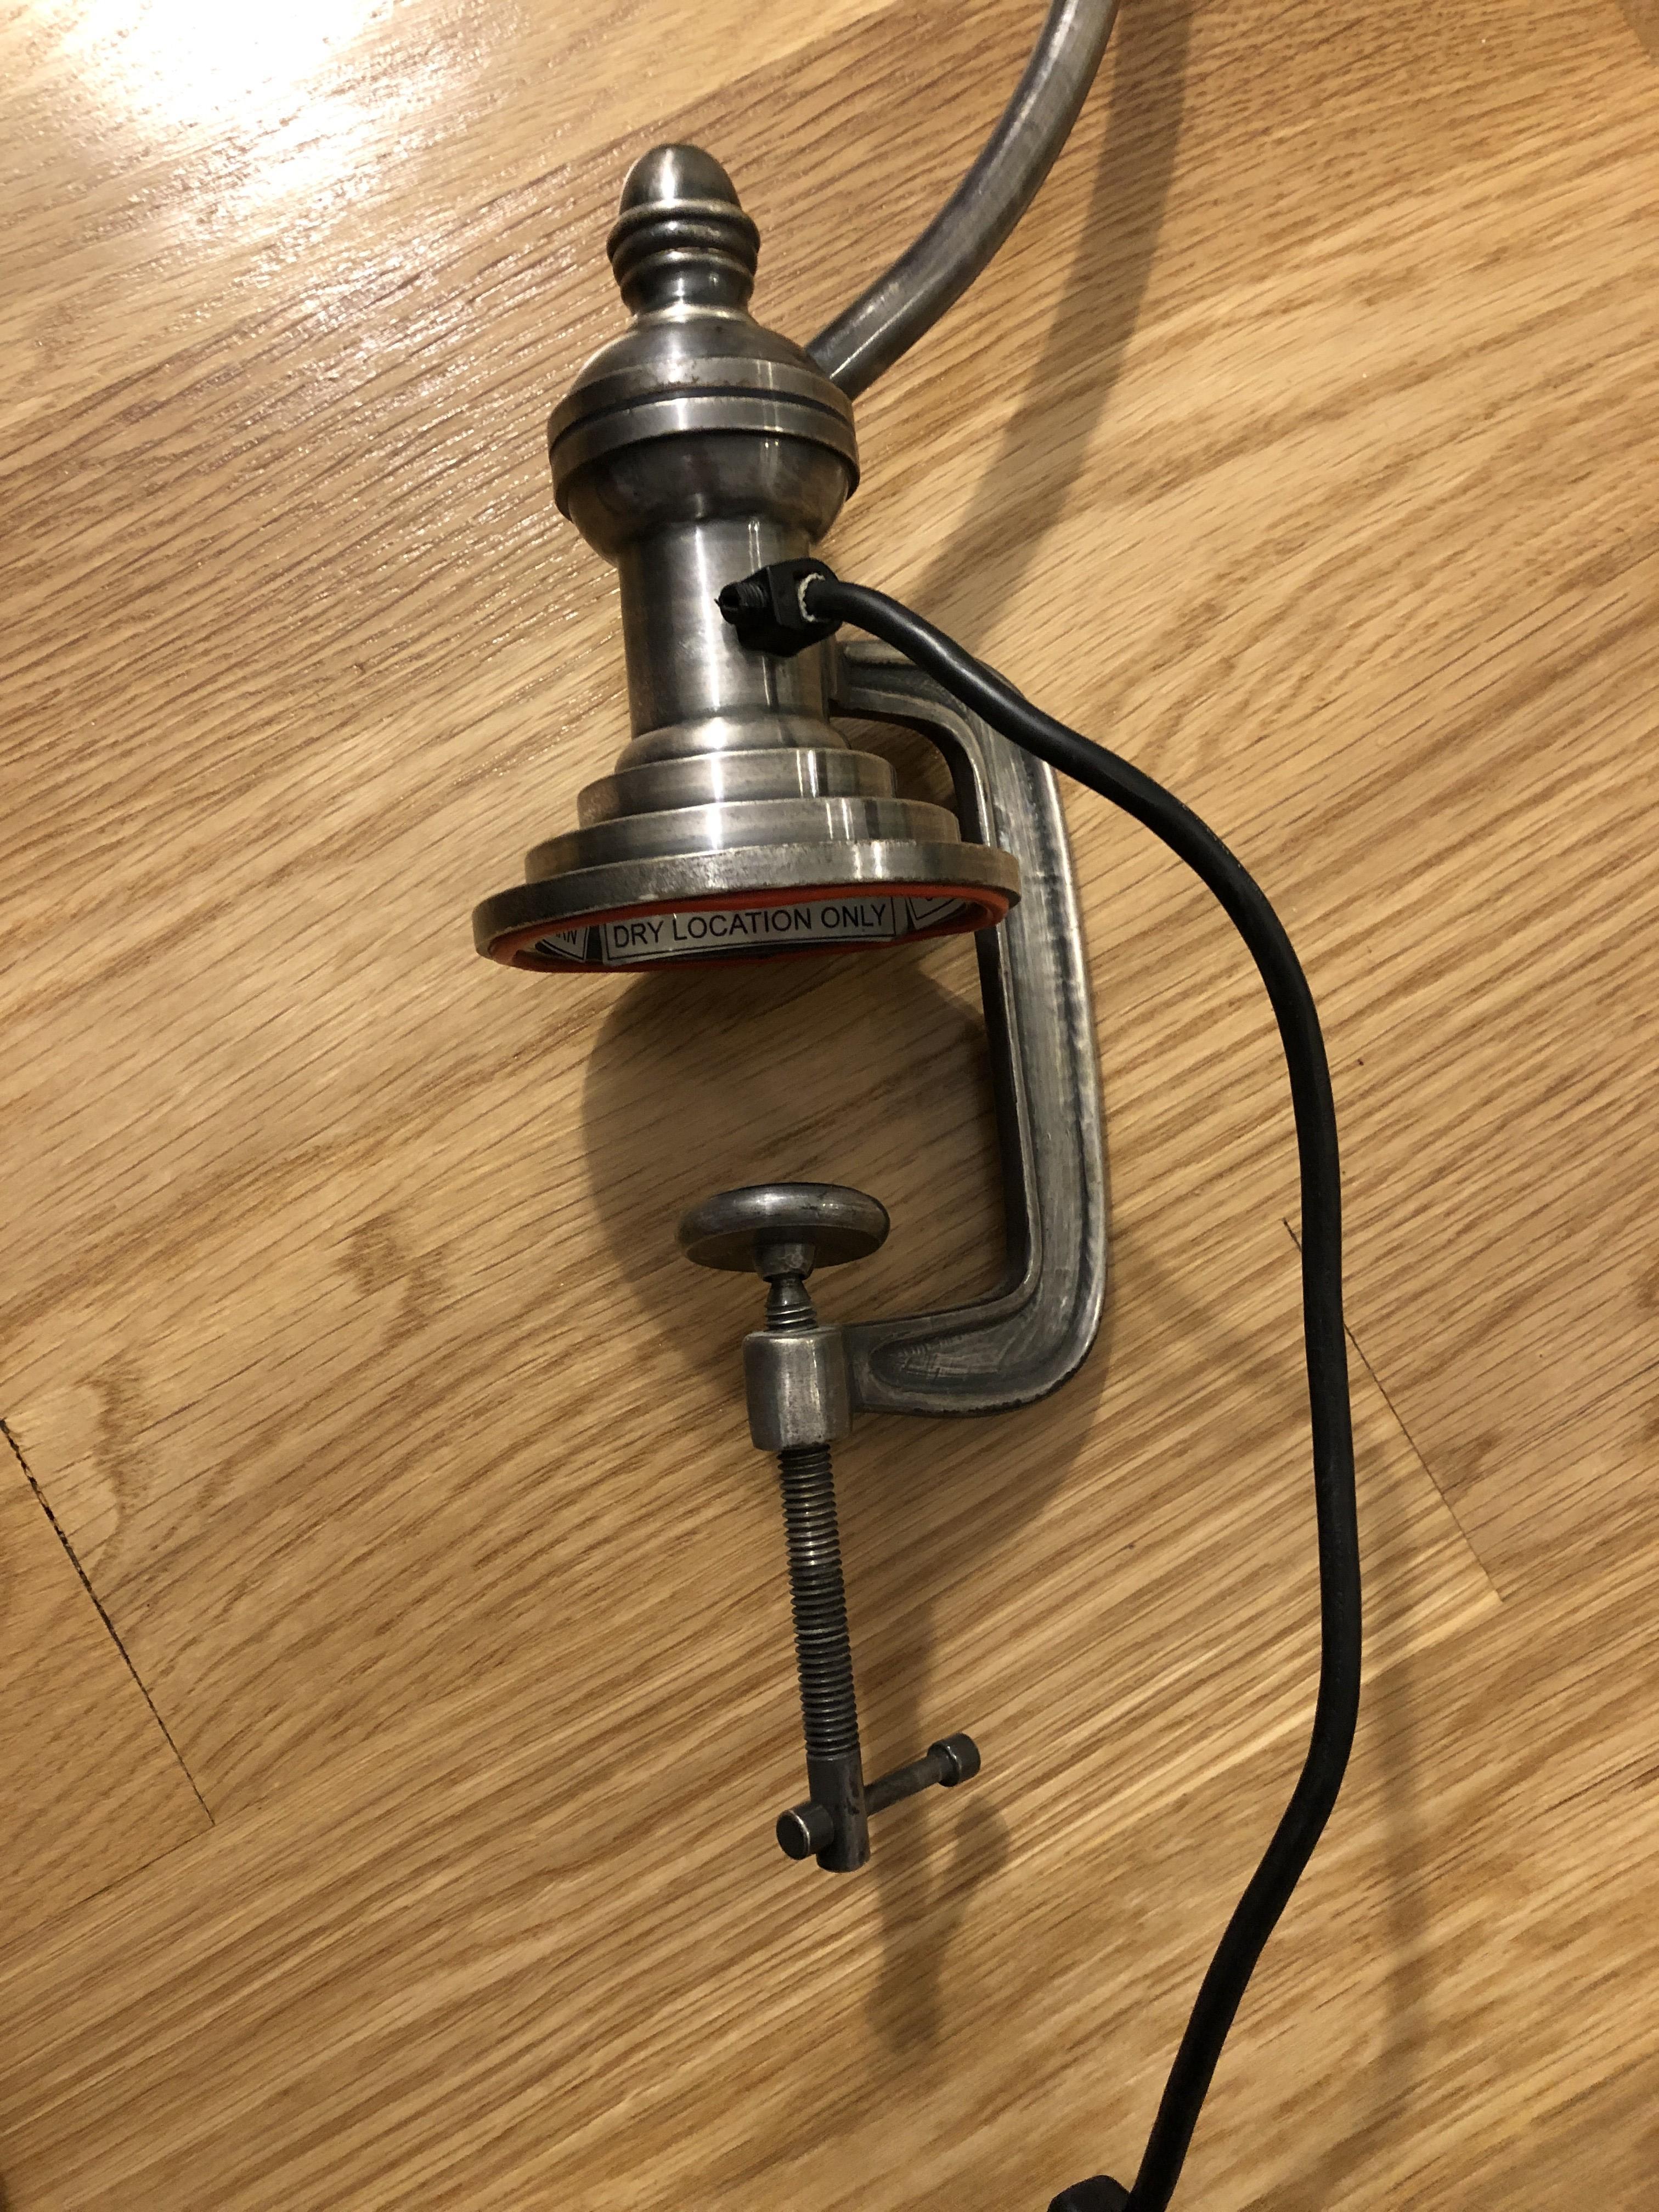 Pottery Barn Studio Light Desk Lamp